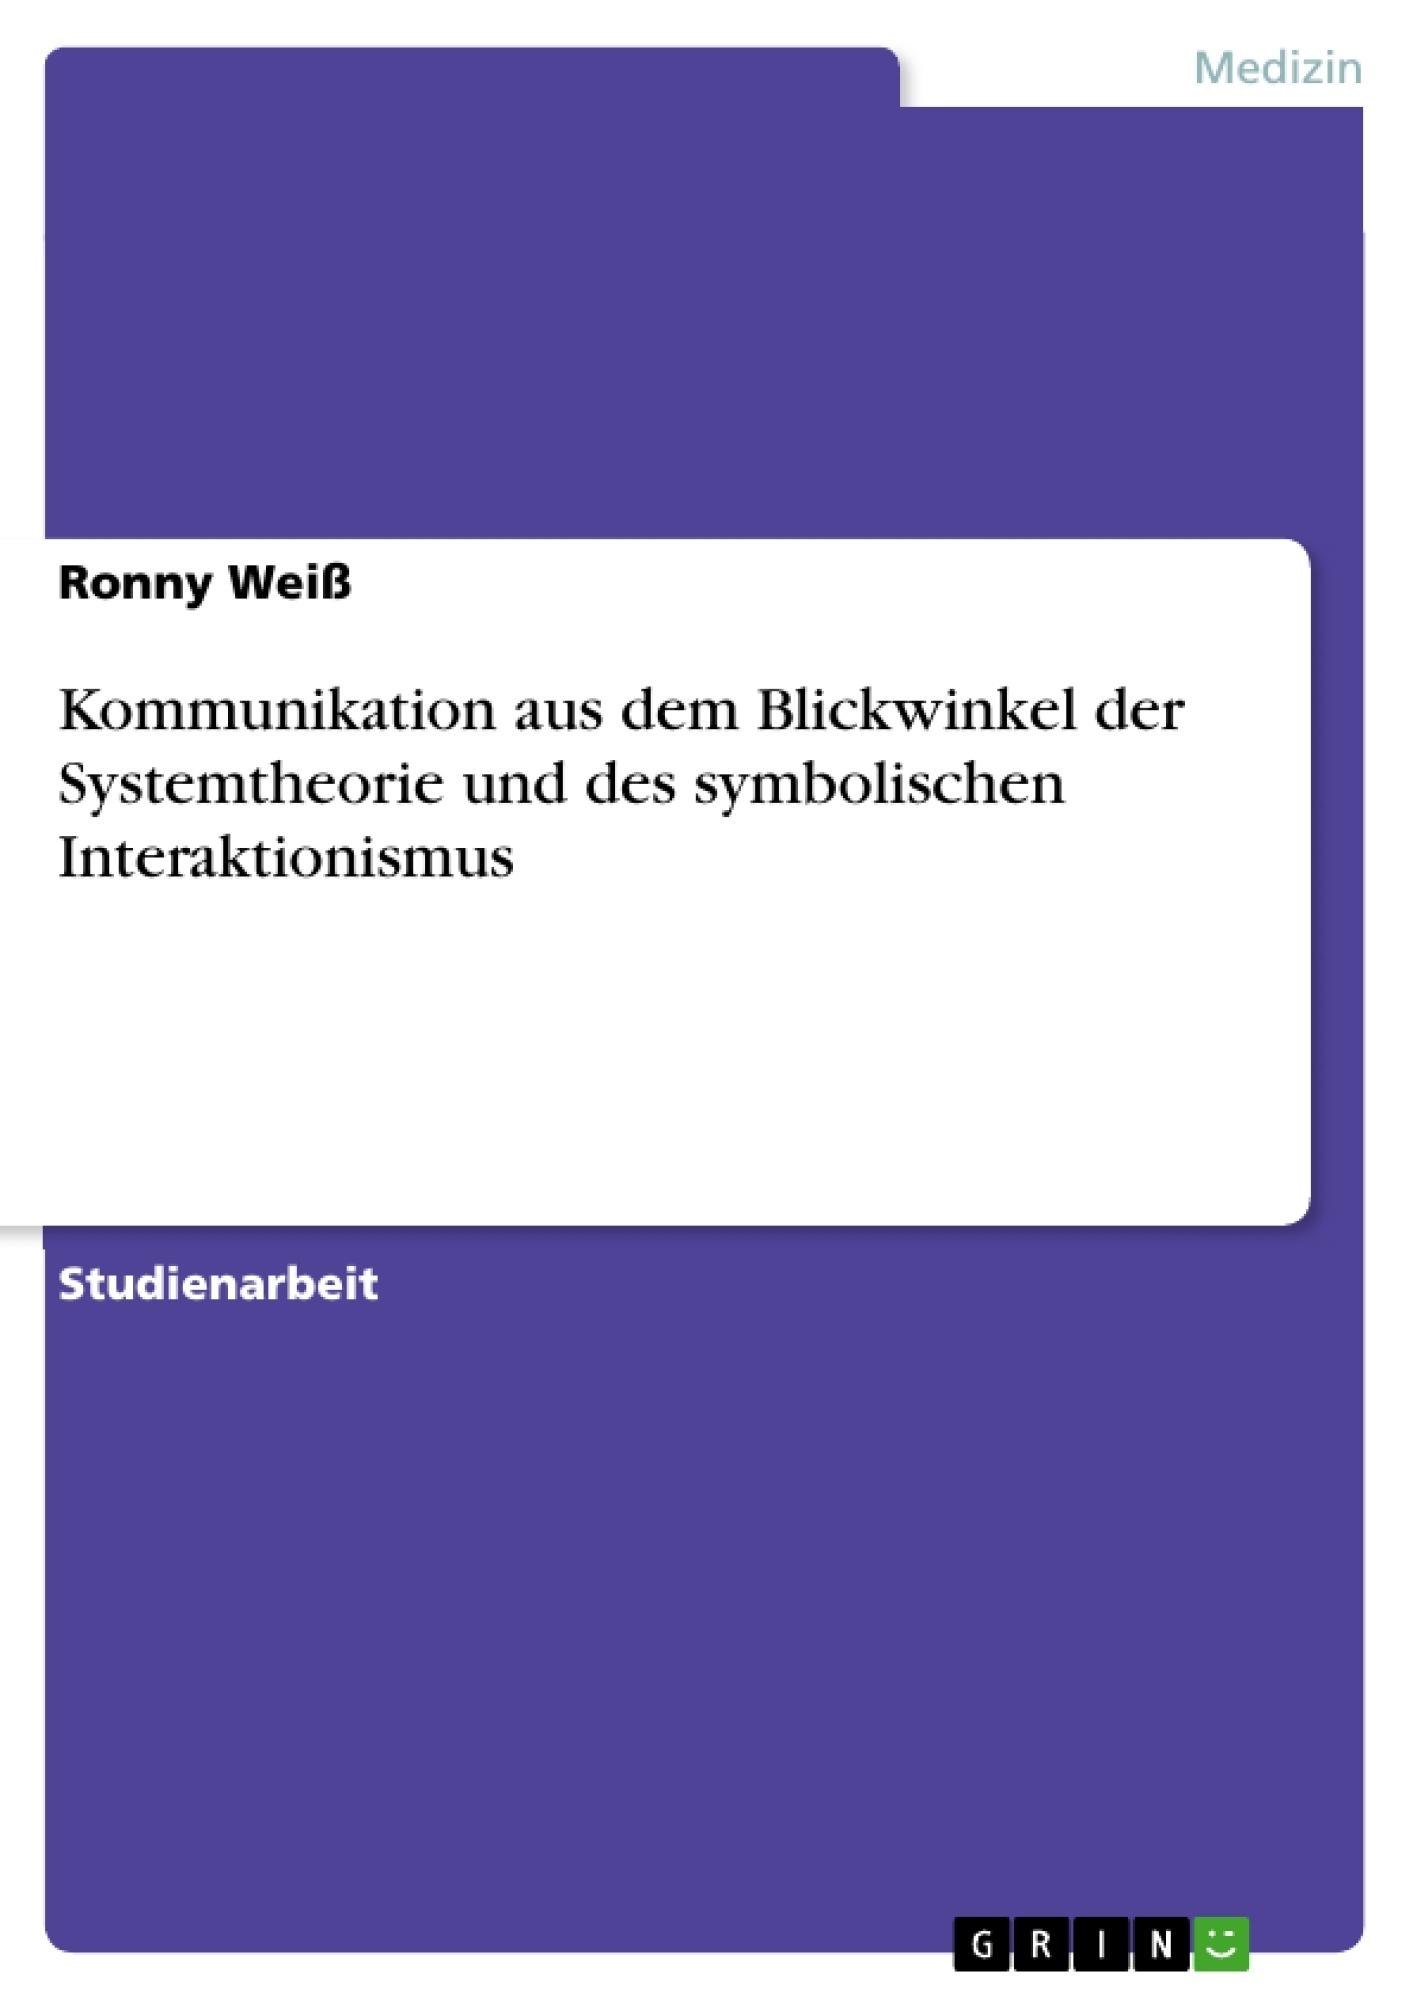 Titel: Kommunikation aus dem Blickwinkel der Systemtheorie und des symbolischen Interaktionismus